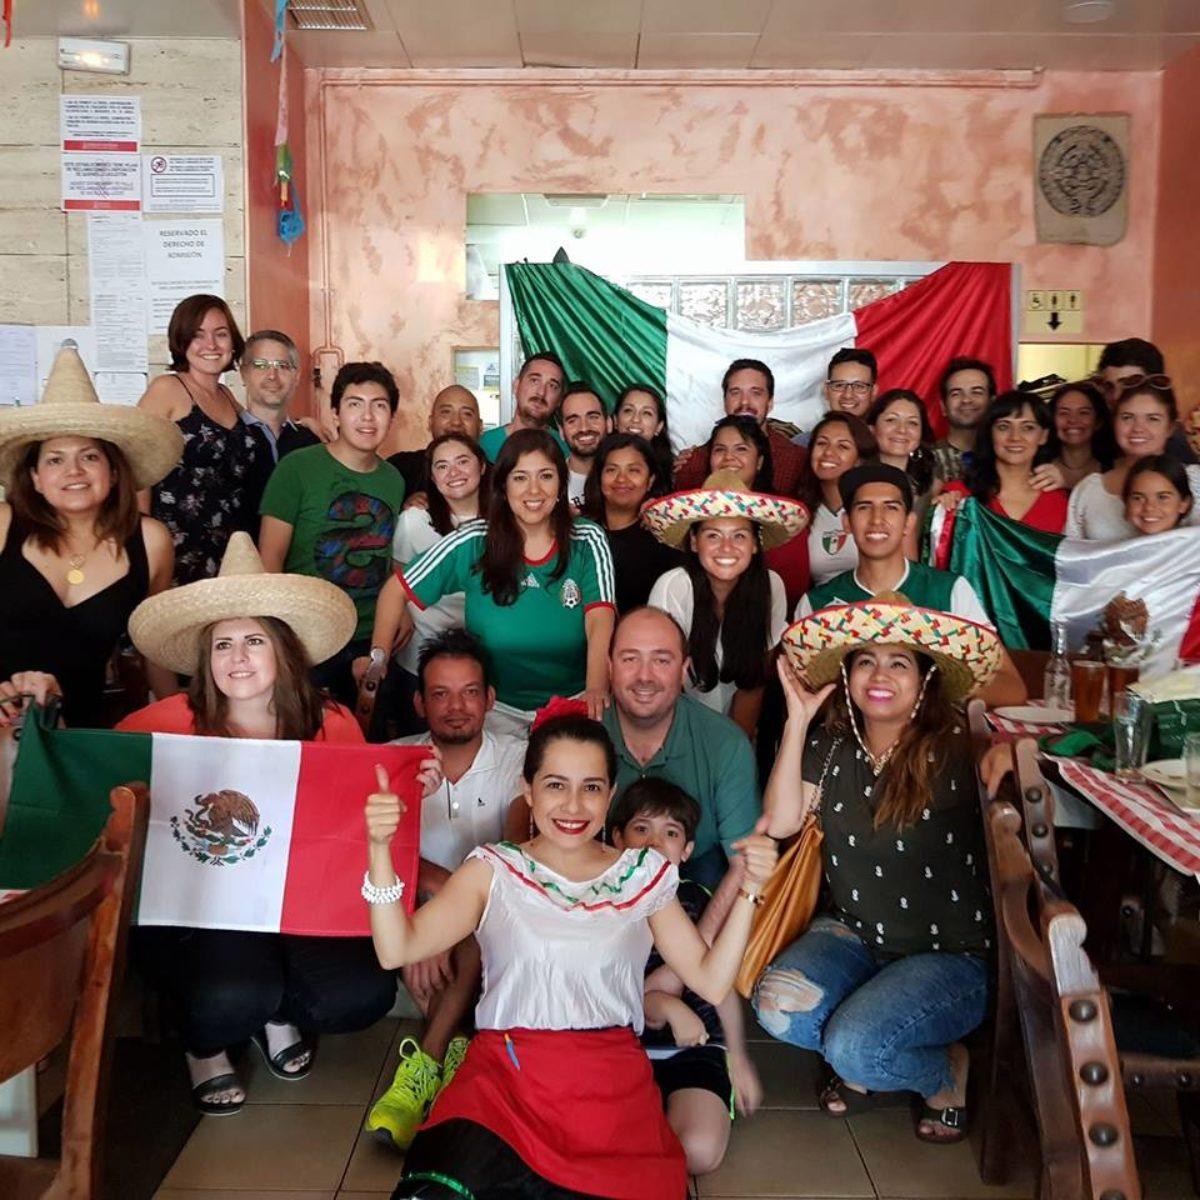 restaurante-mexicano-sol-azteca-chef